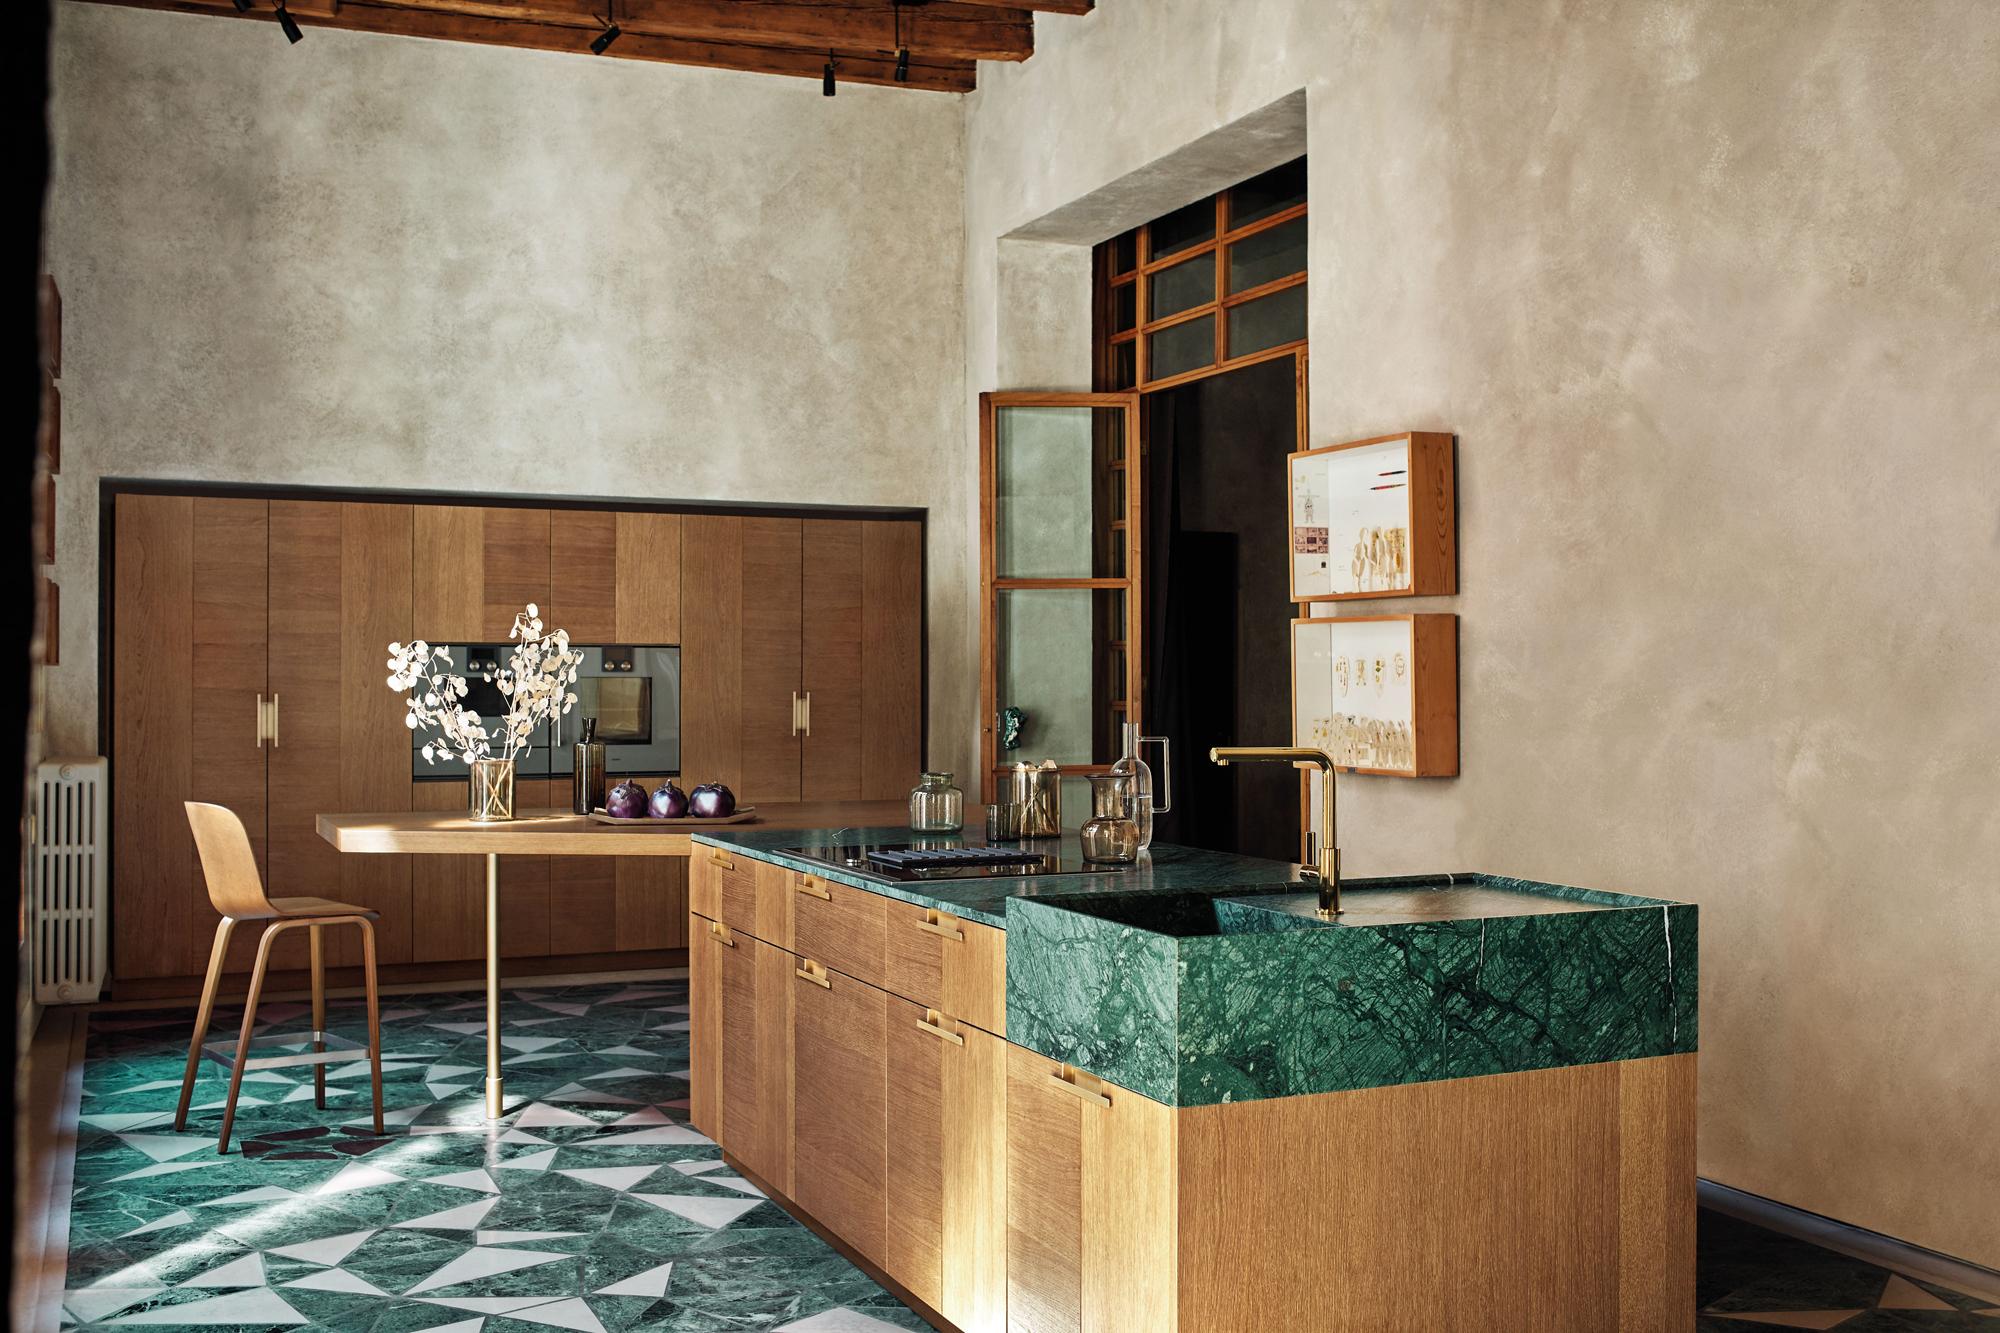 Der italienische Hersteller Cesar zeigt mit Intarsio Rovere Mediterraneo eine Küche, die Holzfurnierfronten mit Marmor Verde Guatemala kombiniert. Foto/Copyright: Cesar